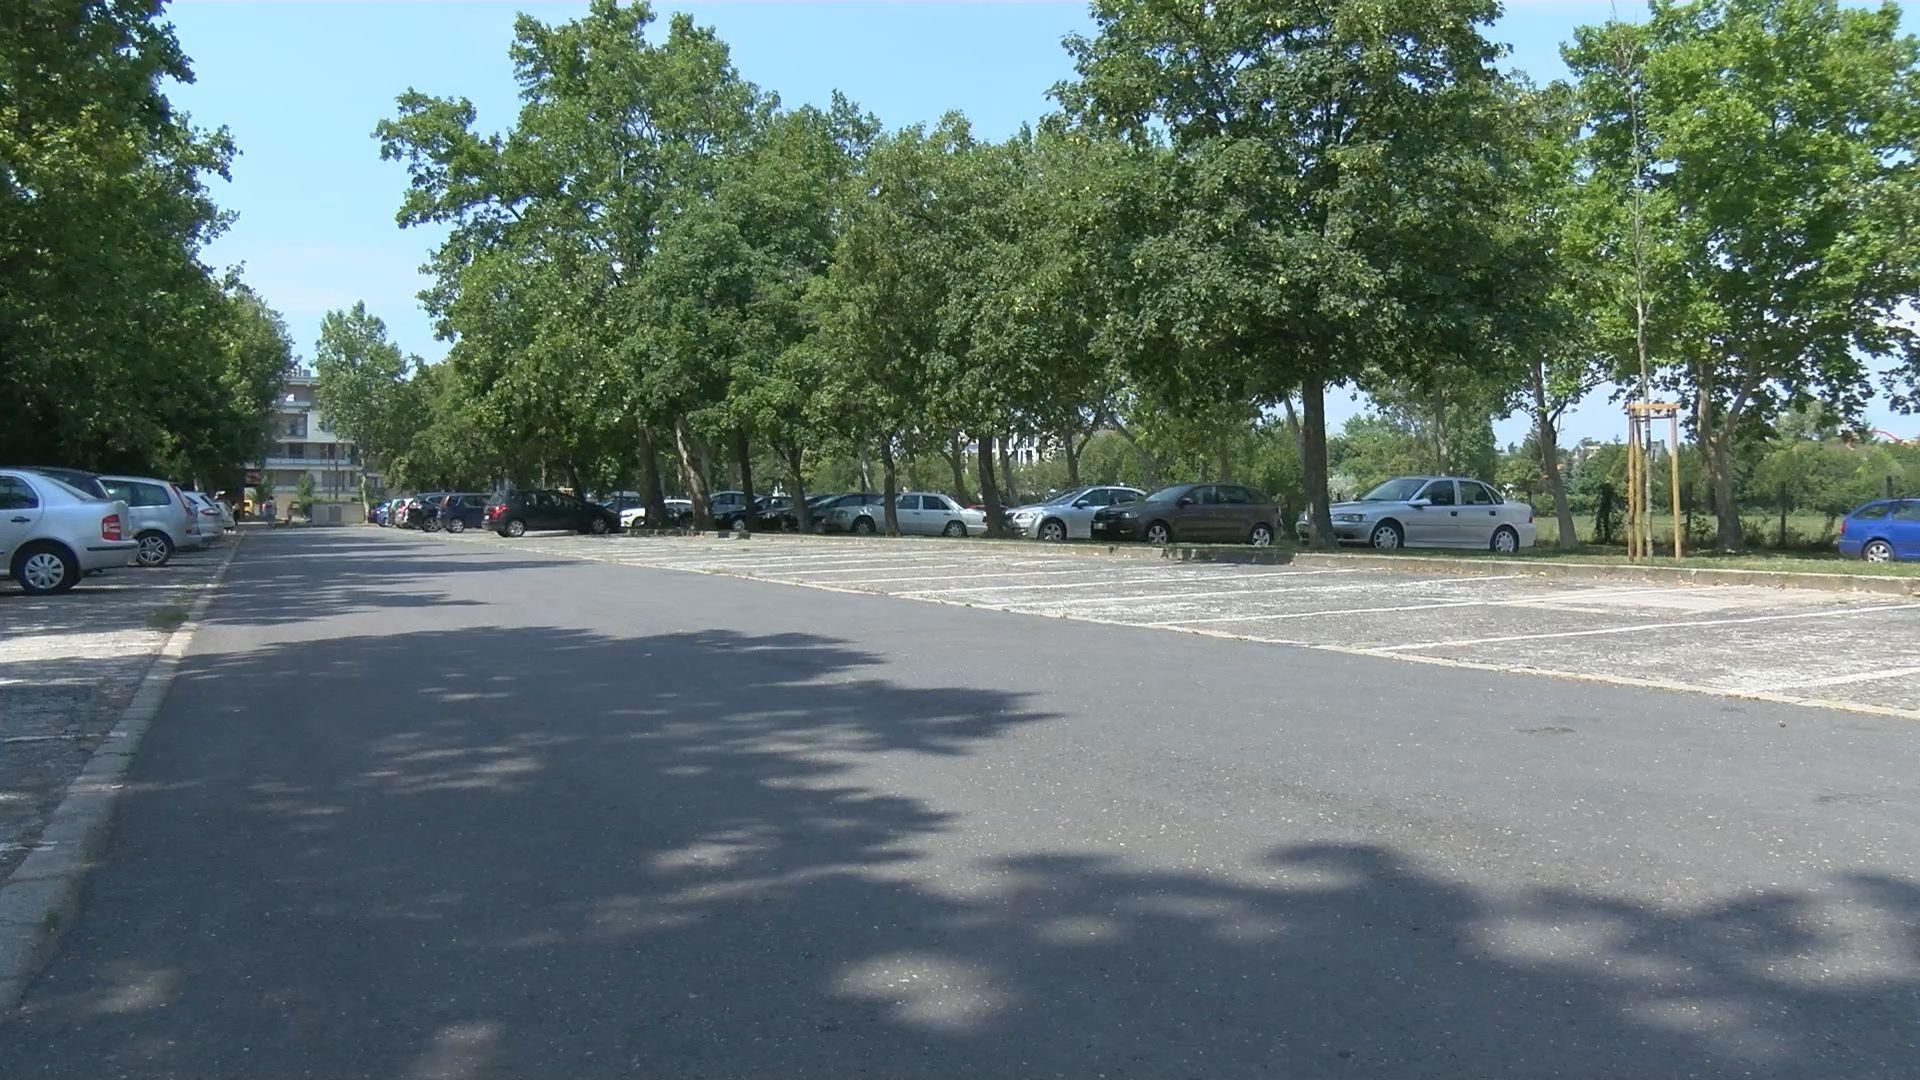 Nagy változások a parkolásban, a Kisfaludy strandnál is fizetniük kell az autósoknak